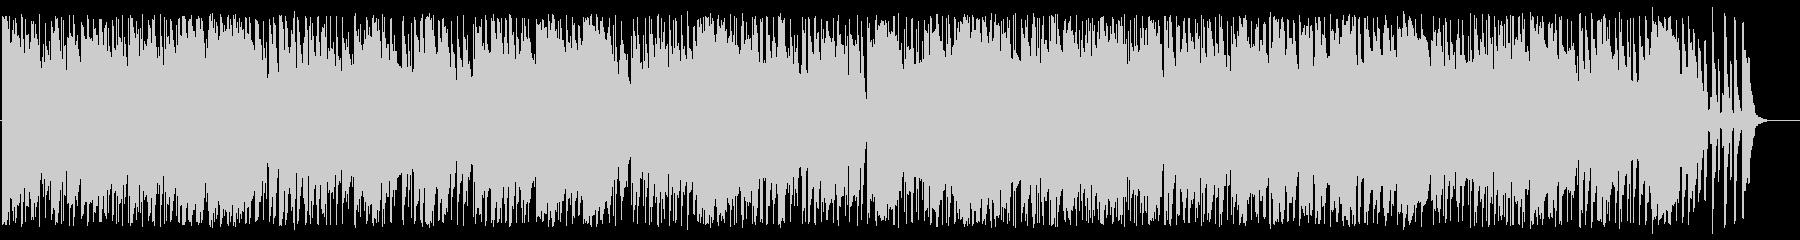 きらきら星(acoustic)の未再生の波形